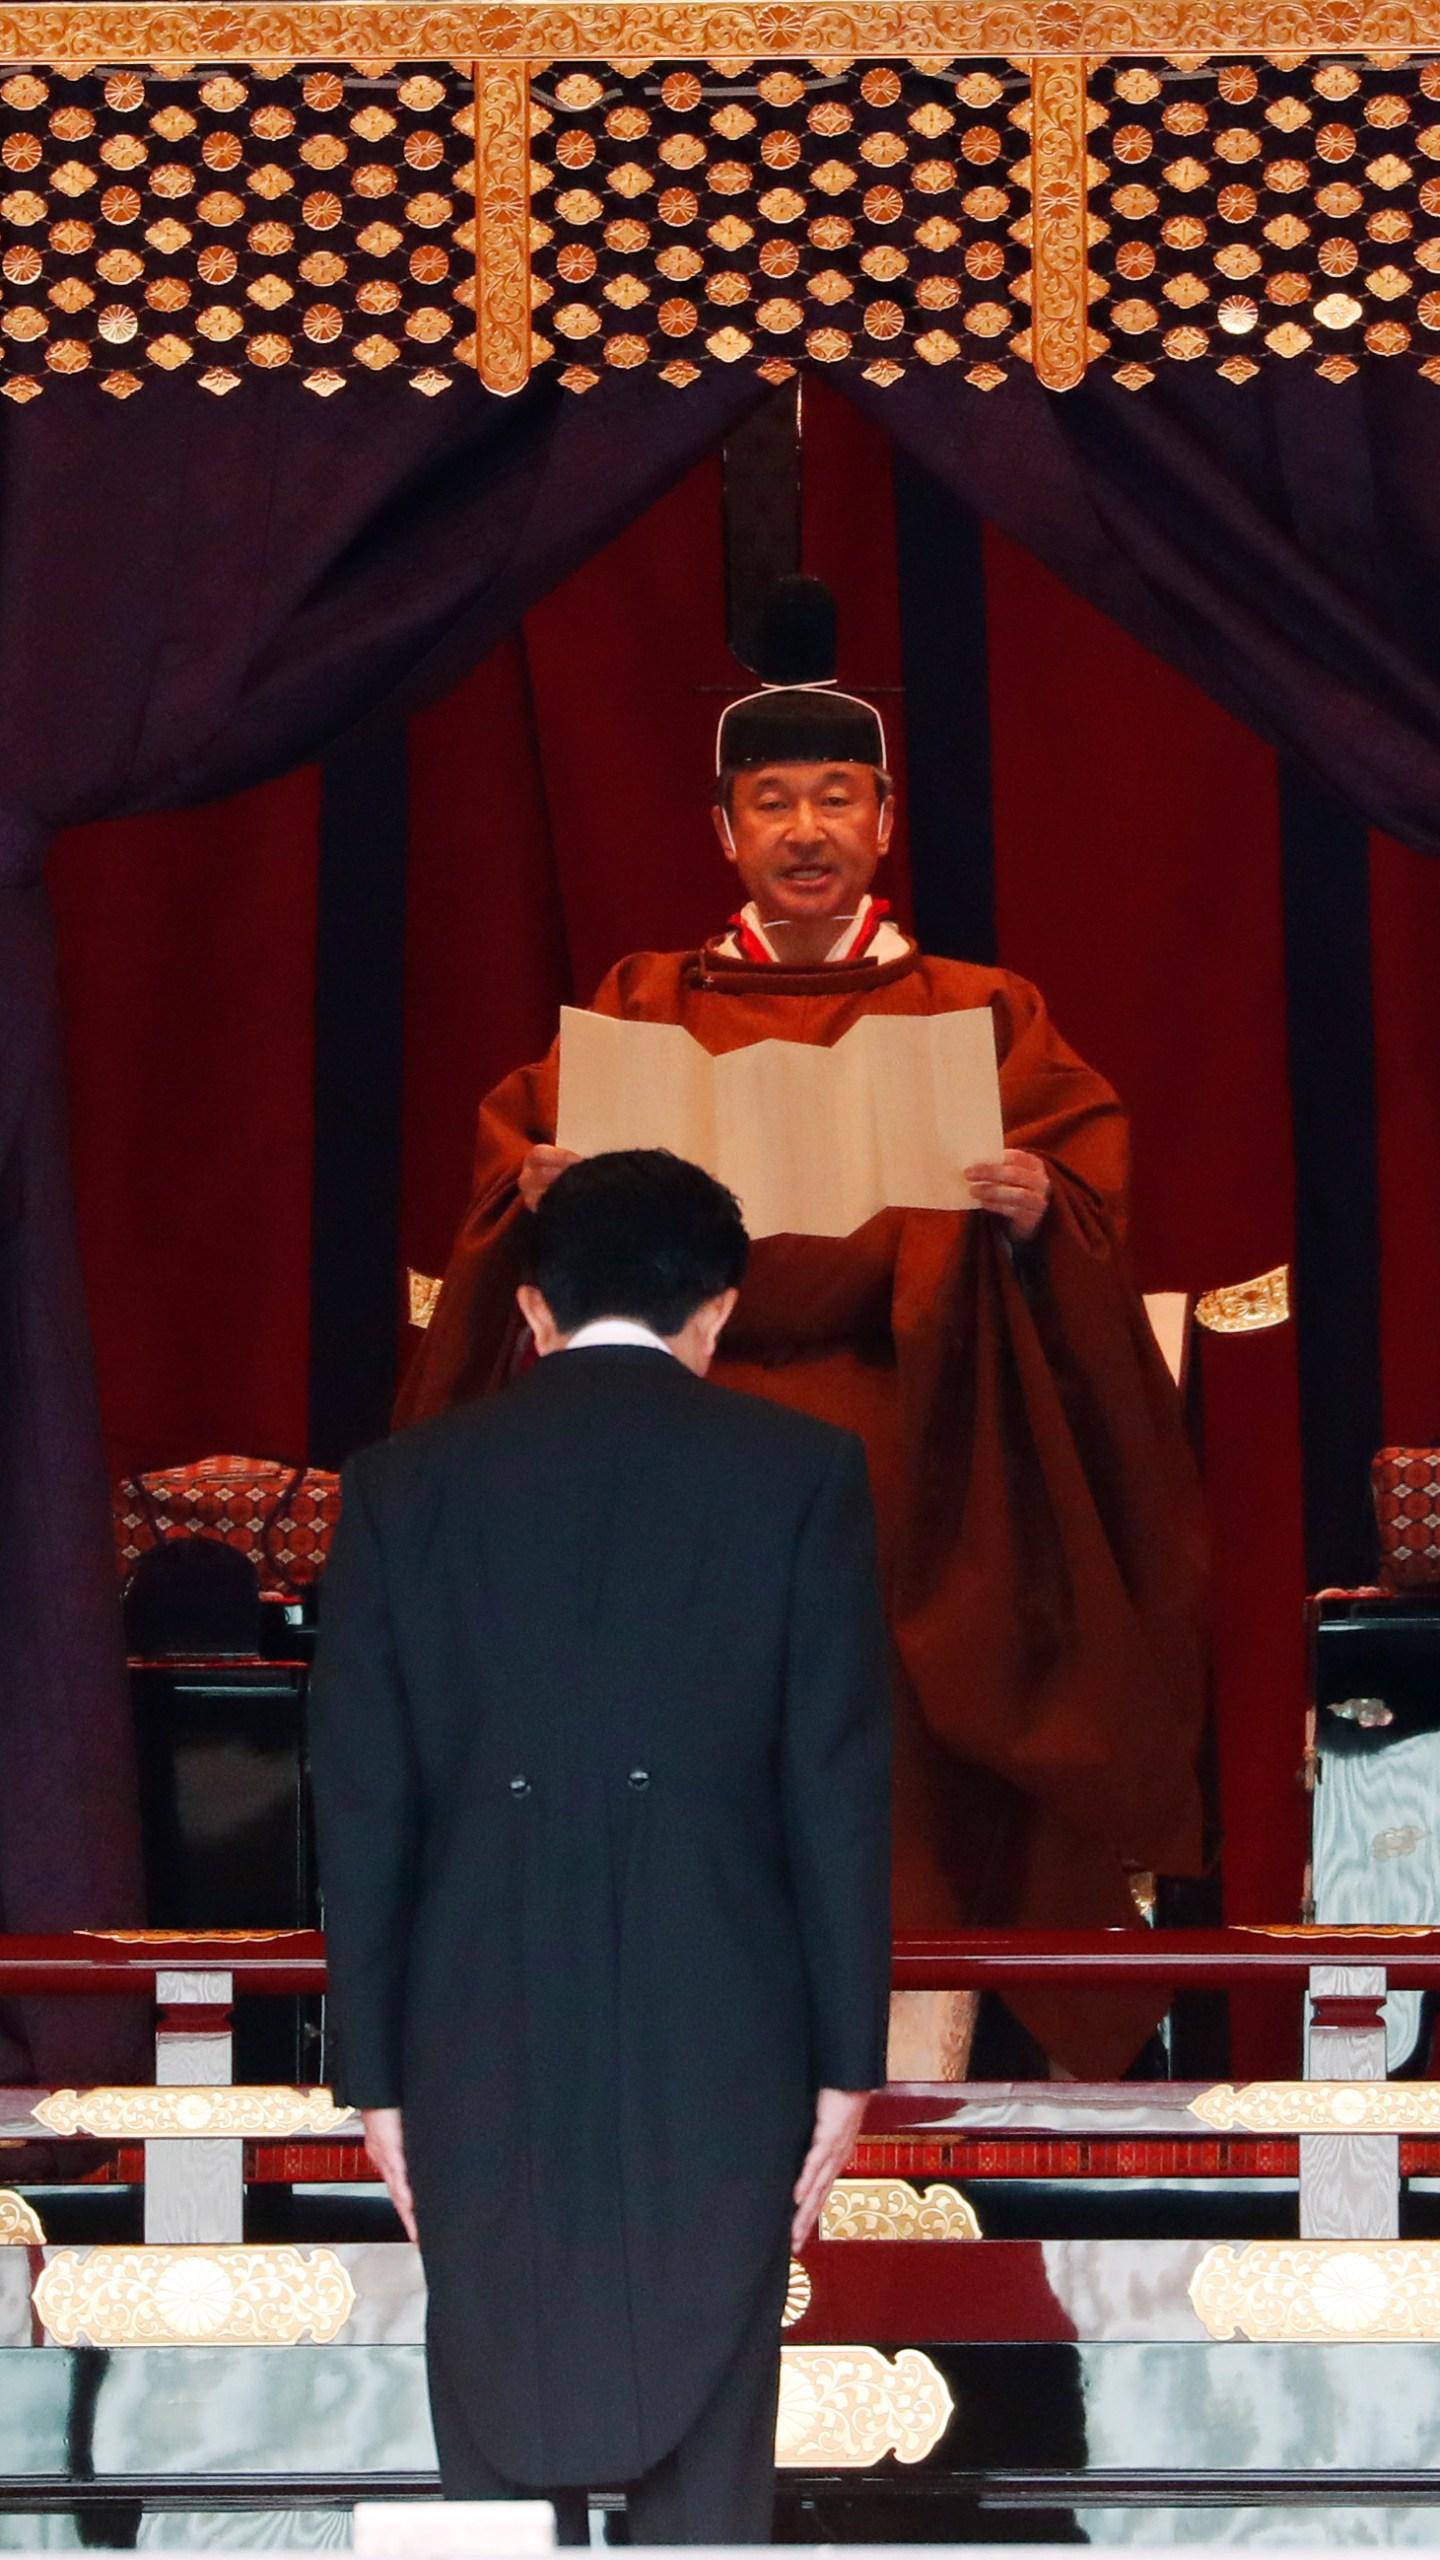 Emperor Naruhito, Shinzo Abe